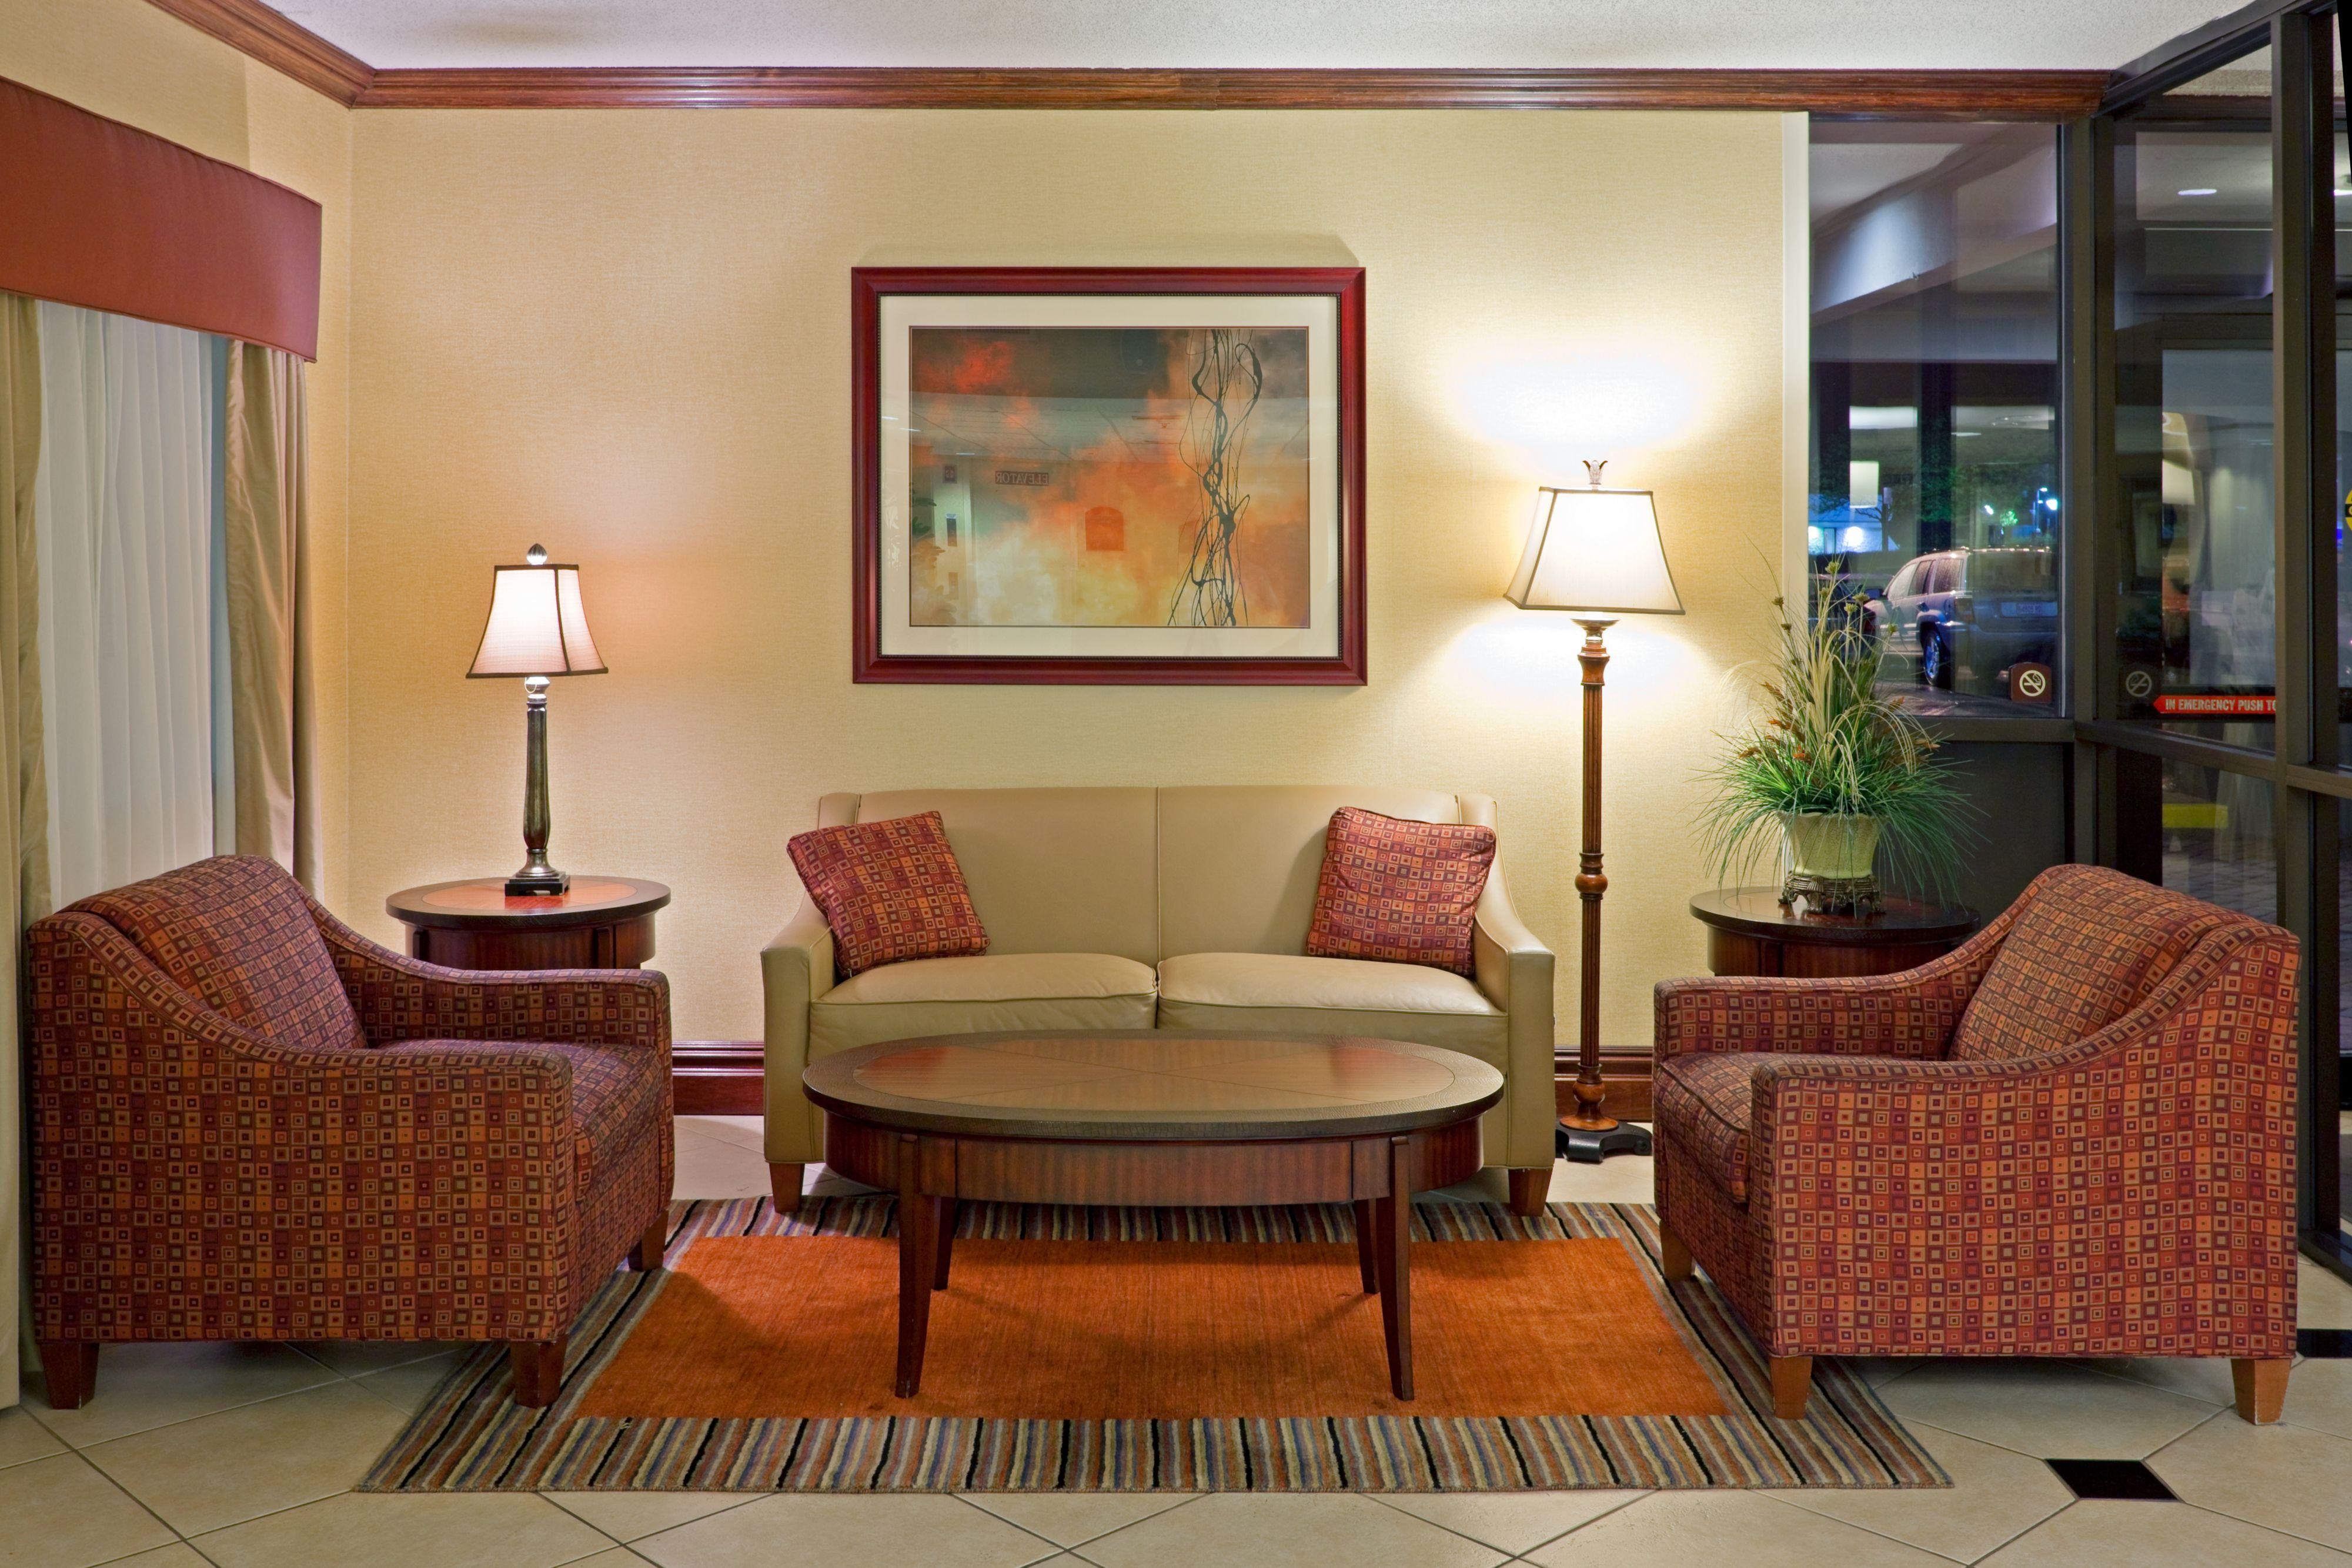 Holiday Inn Express Ramsey-Mahwah image 5